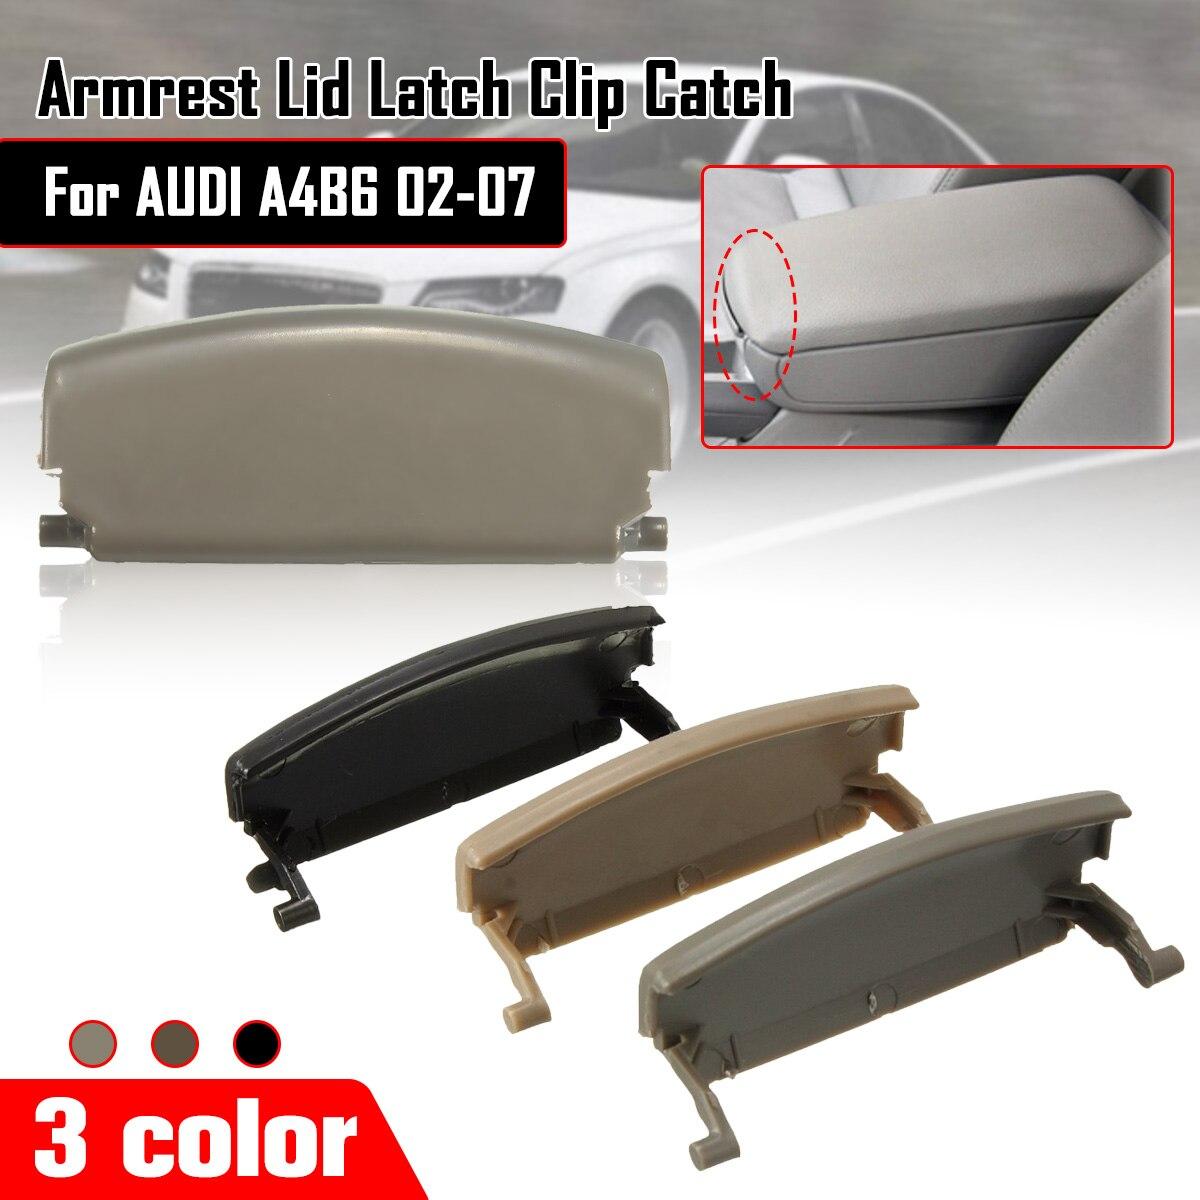 Car Armrest Lid Latch Clip Catch For AUDI A4 B6 2002-2008 Centre Console Cover E177B Auto Replacement Parts car armrest latch lid center console cover for audi a4 b6 b7 2002 2008 3 colors